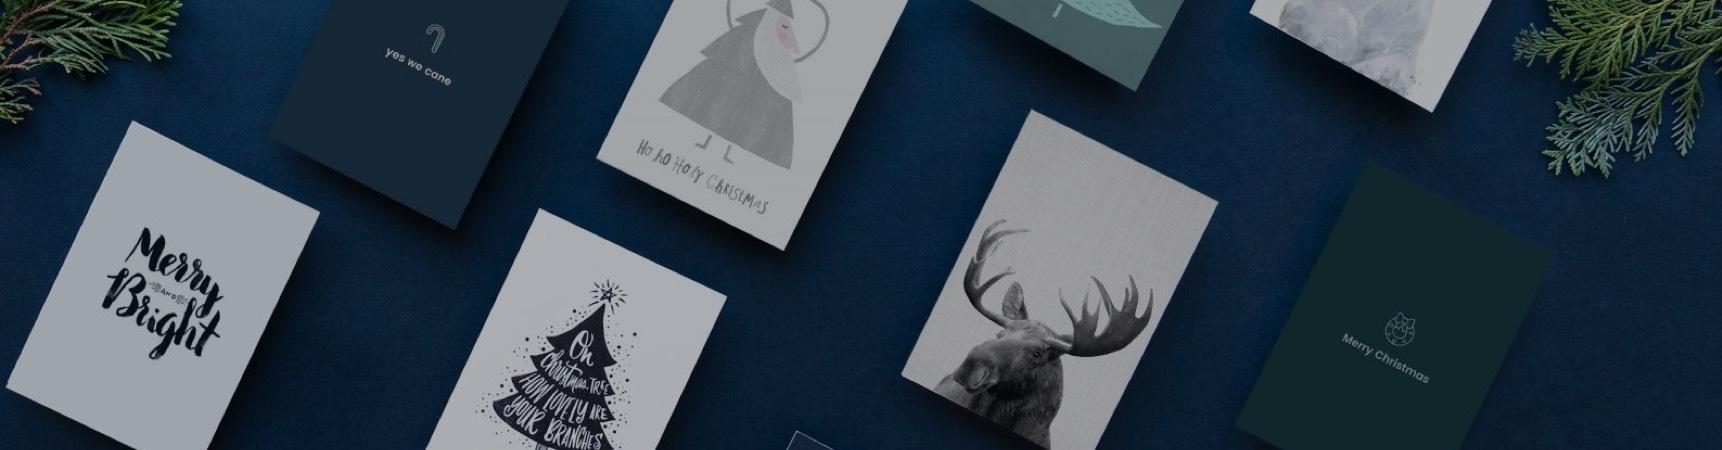 sch ne weihnachtskarten und geschenkpapier online kaufen. Black Bedroom Furniture Sets. Home Design Ideas